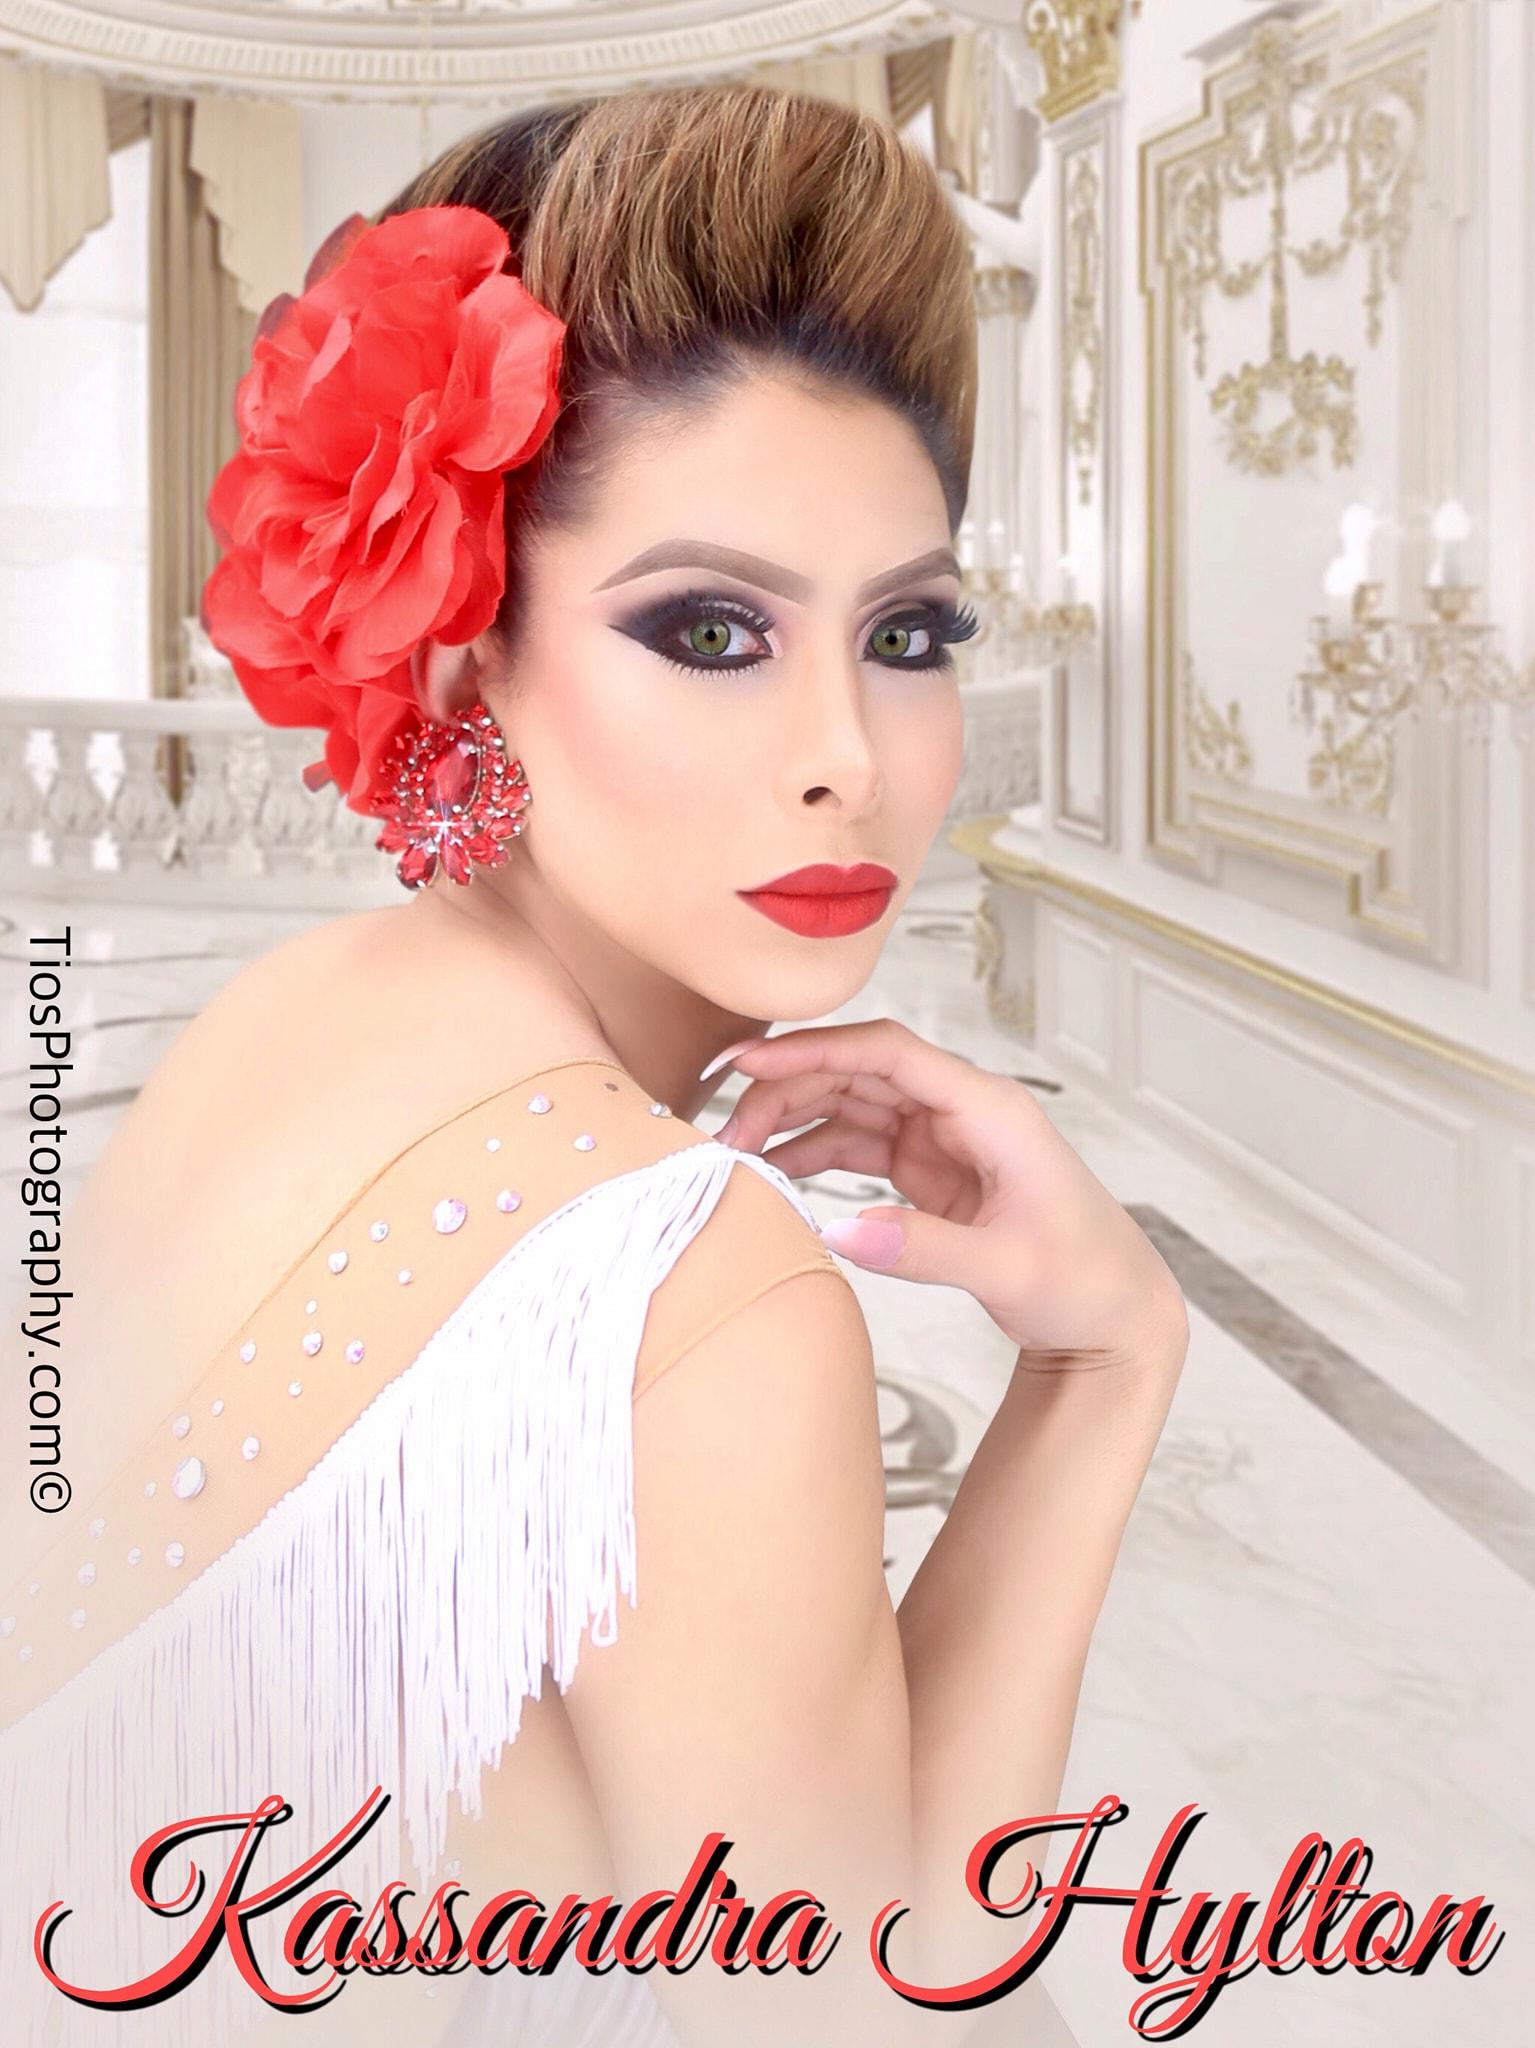 Kassandra Hylton - Photo by Tios Photography